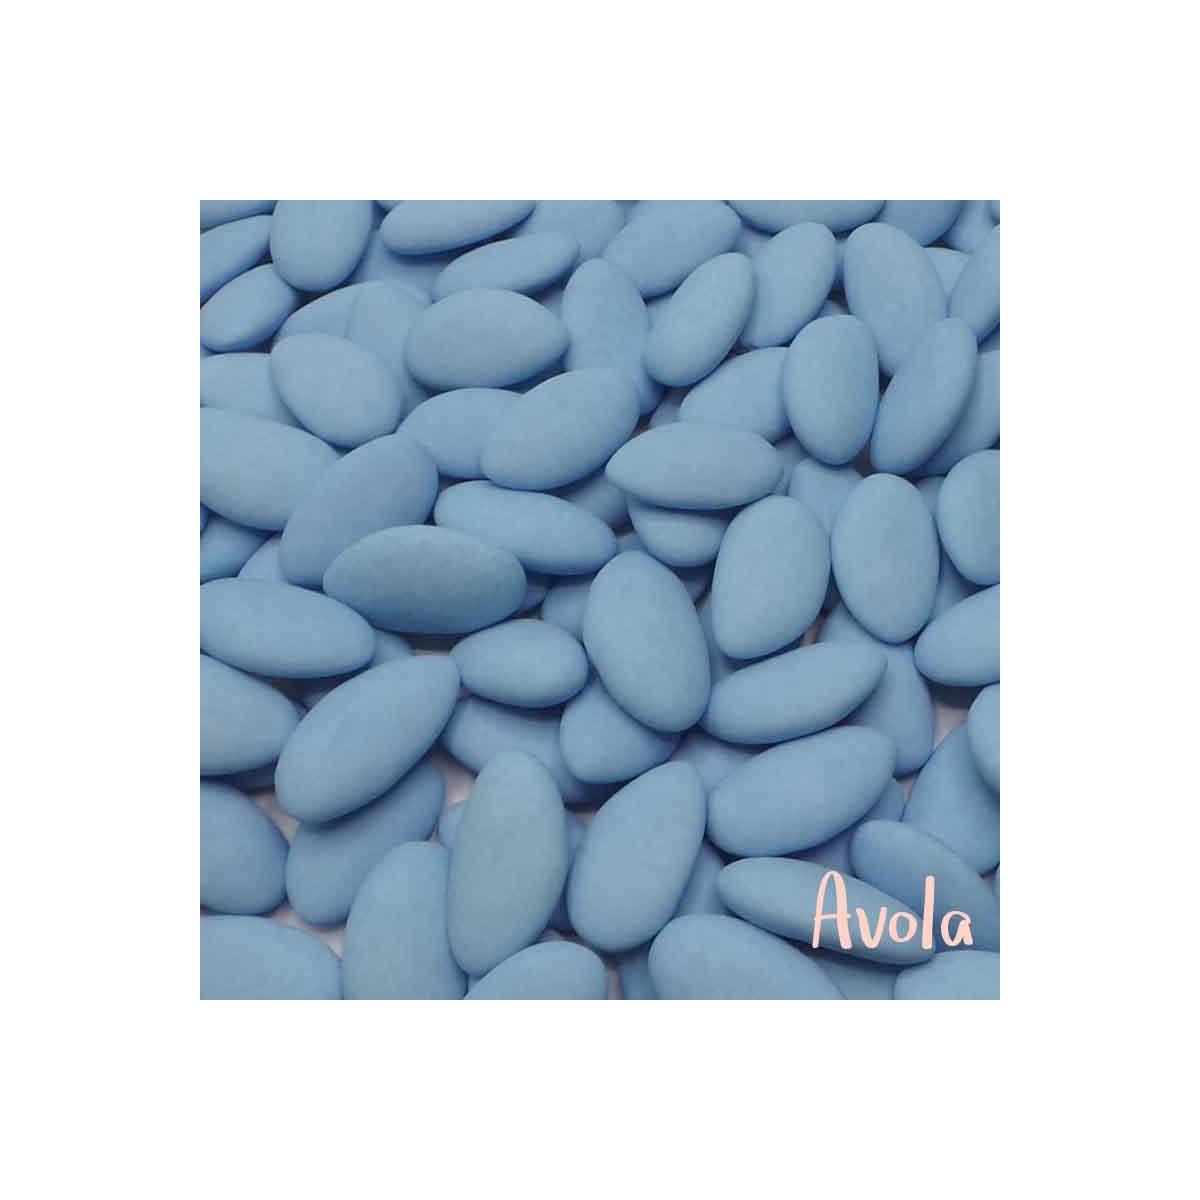 1kg Dragées Pécou Avola Extra - Bleu